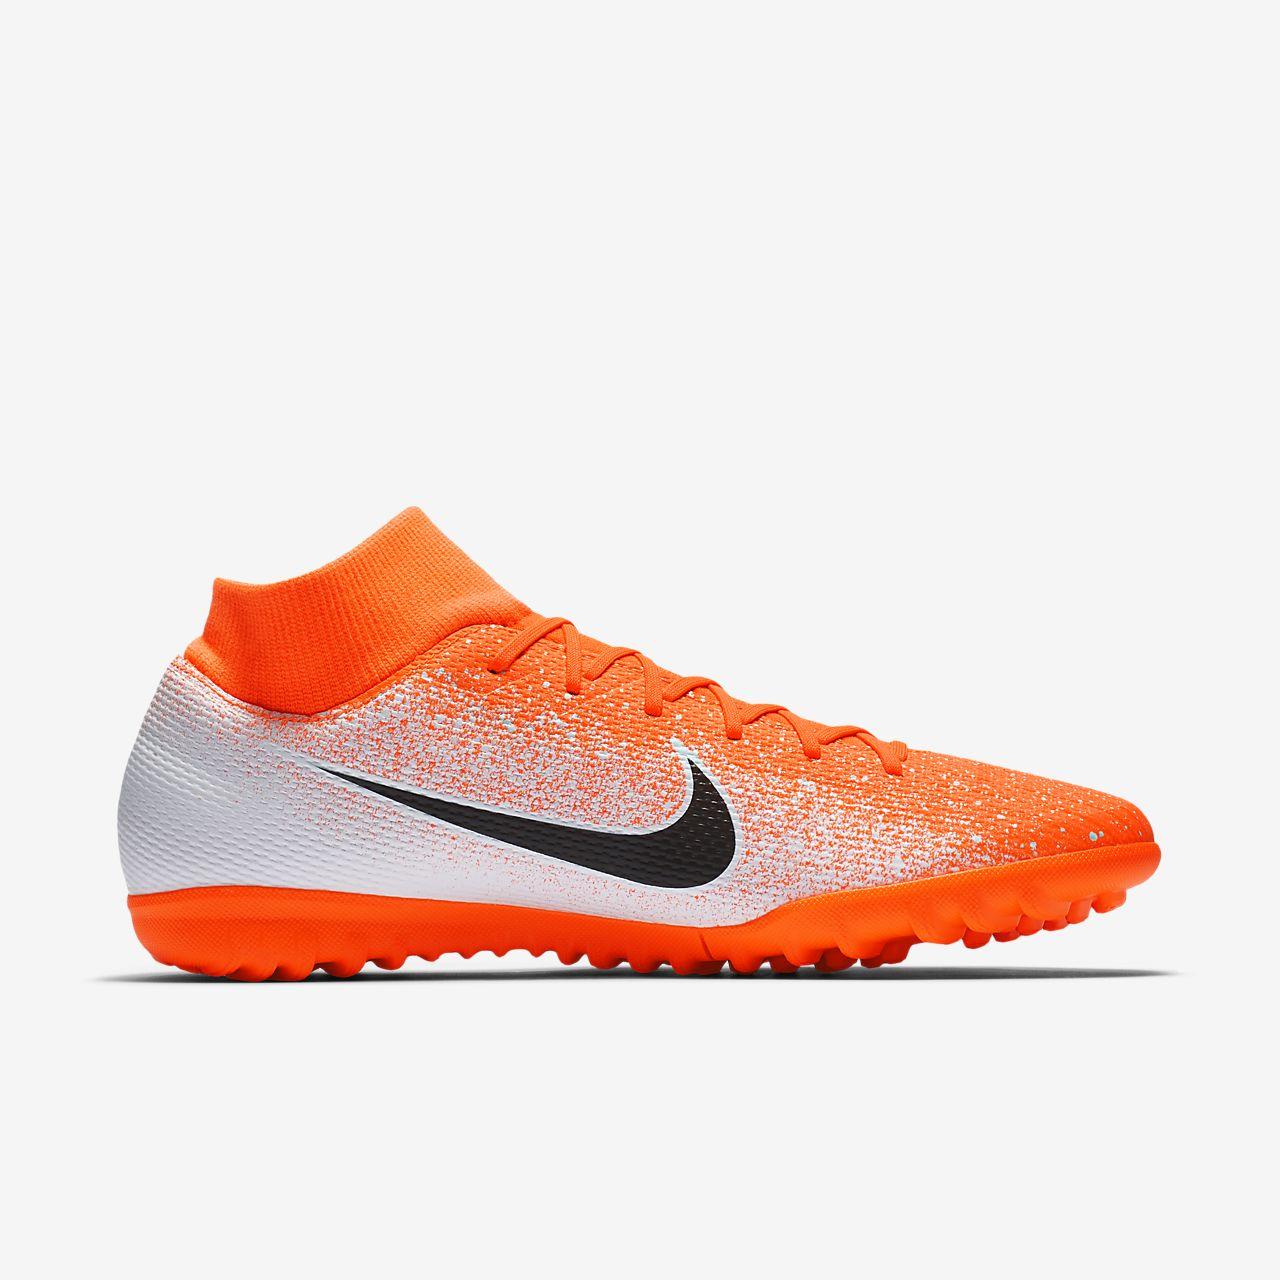 b25da42e7453e Calzado de fútbol para pasto artificial Nike SuperflyX 6 Academy TF ...